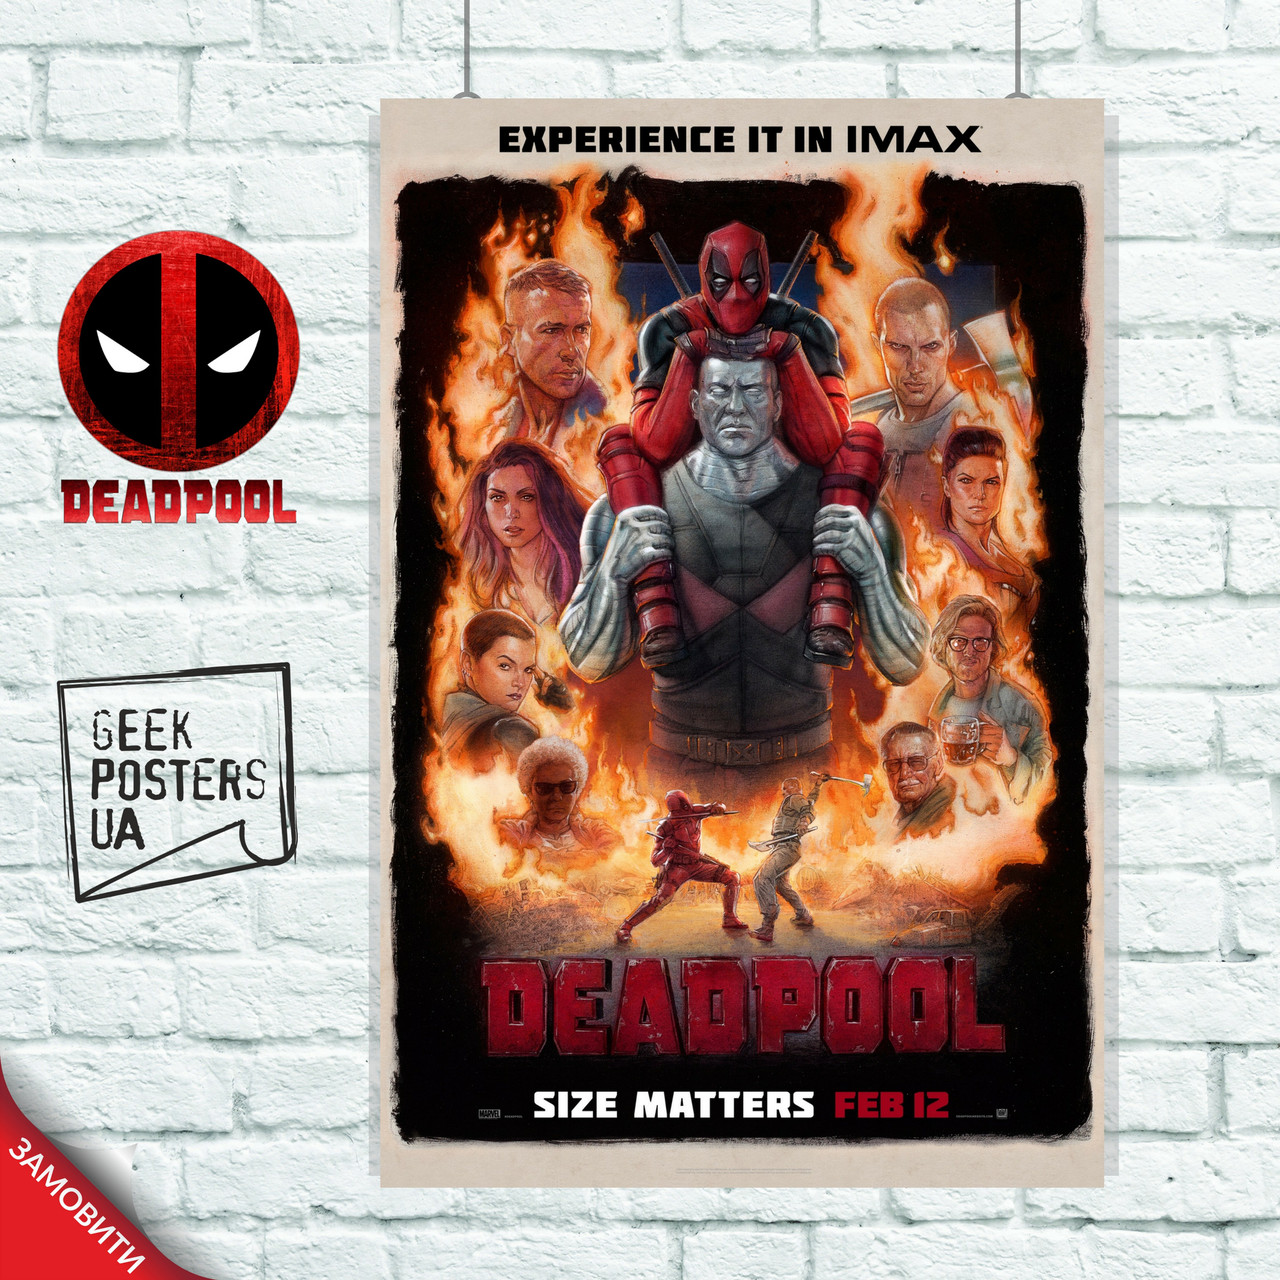 Постер Дэдпул, Deadpool (Коллаж). Размер 60x42см (A2). Глянцевая бумага